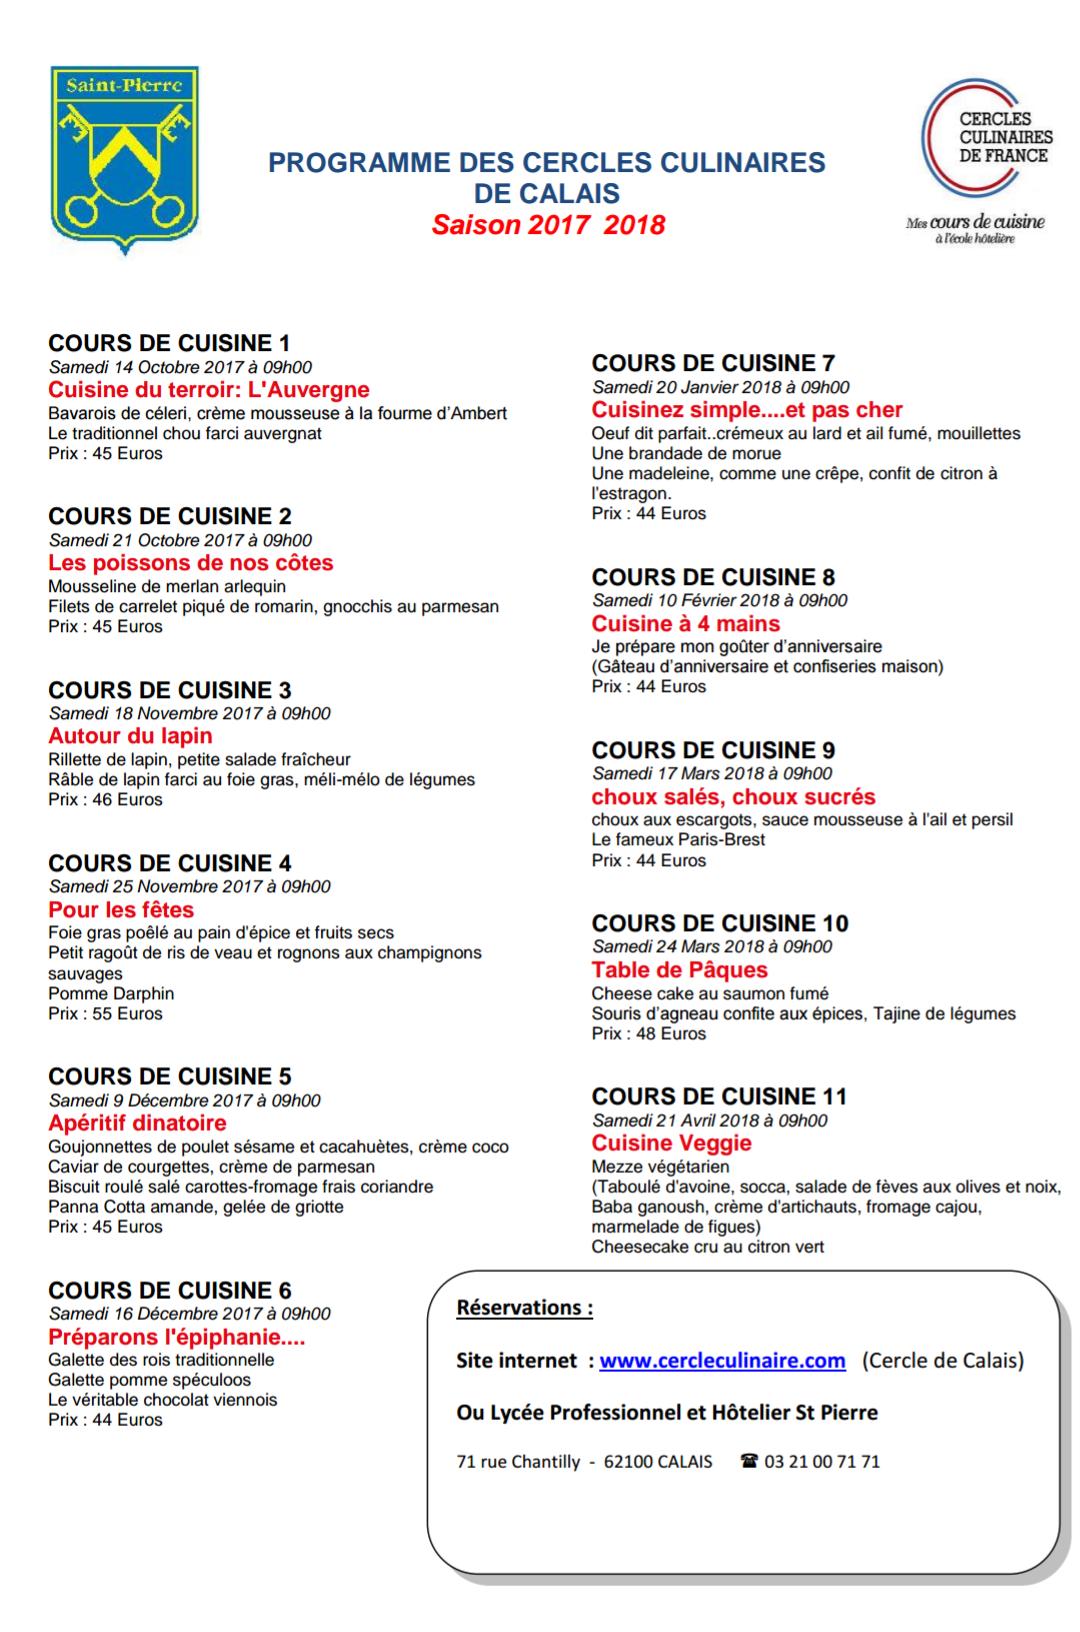 Centre scolaire saint pierre programmation cercles for Programme bac pro cuisine